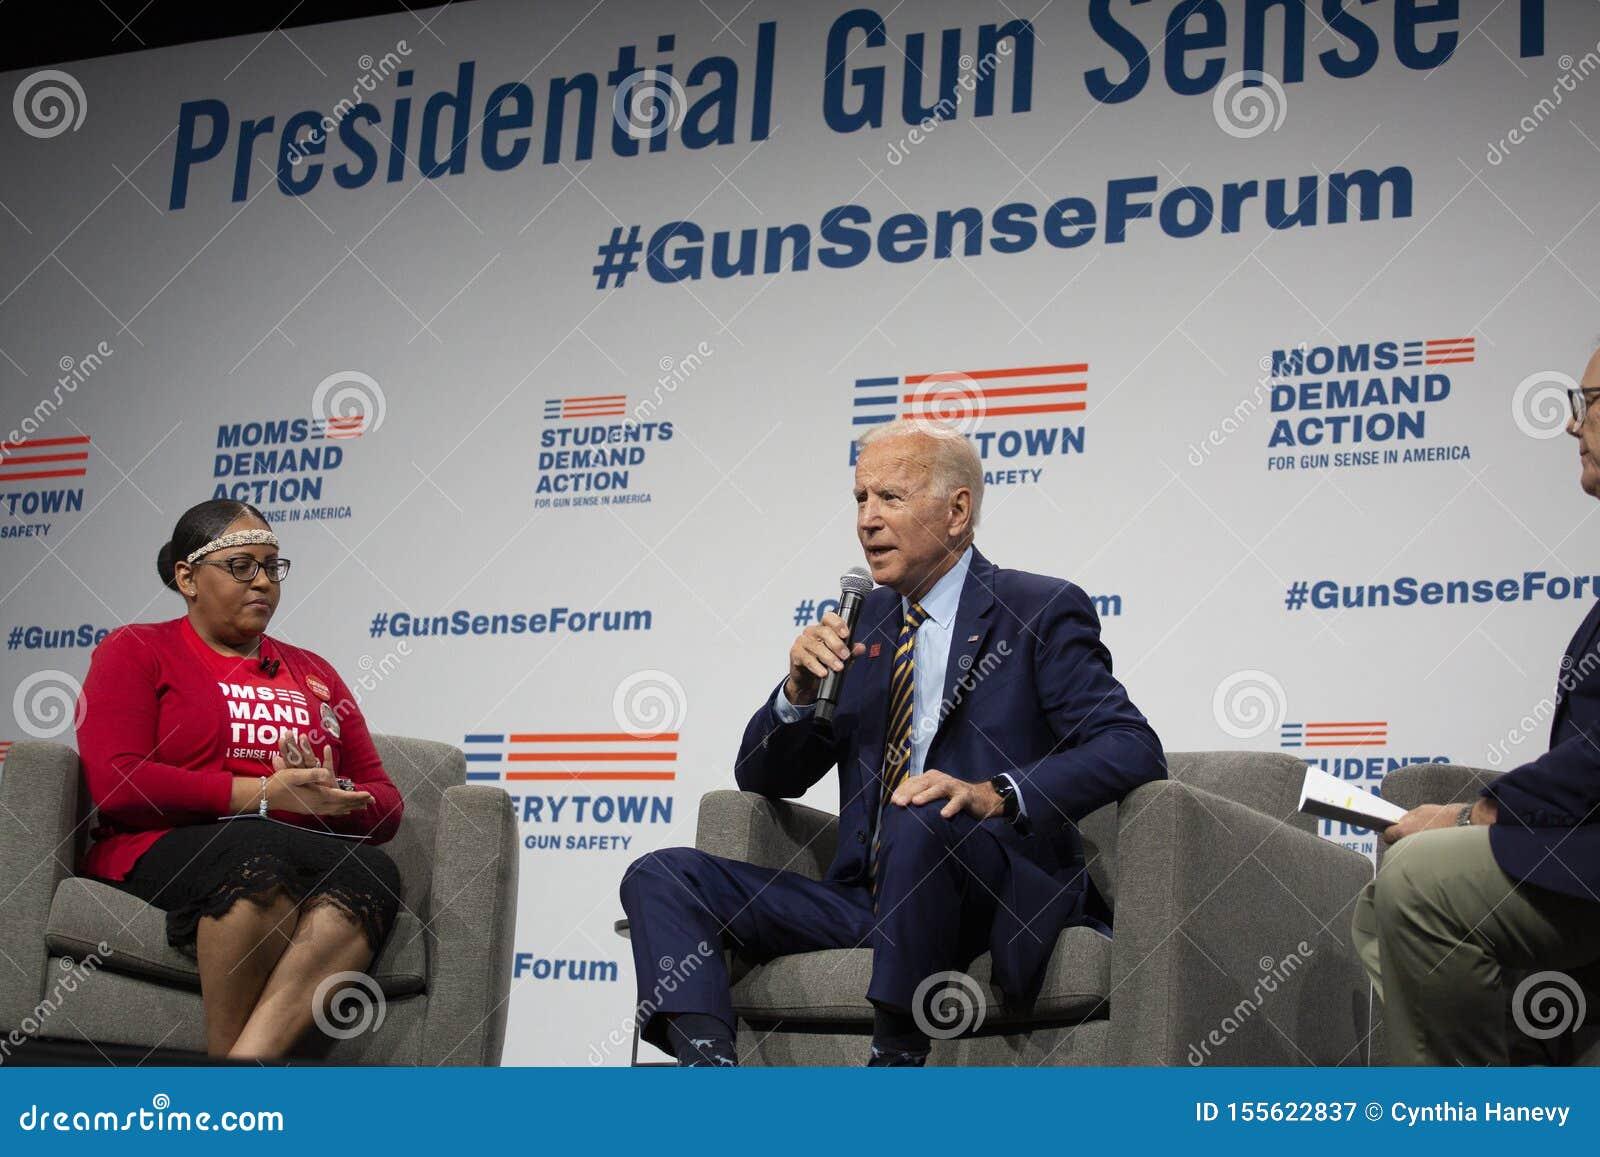 Joe Biden au forum de sens d arme à feu le 10 août 2019, Des Moines, Iowa, Etats-Unis